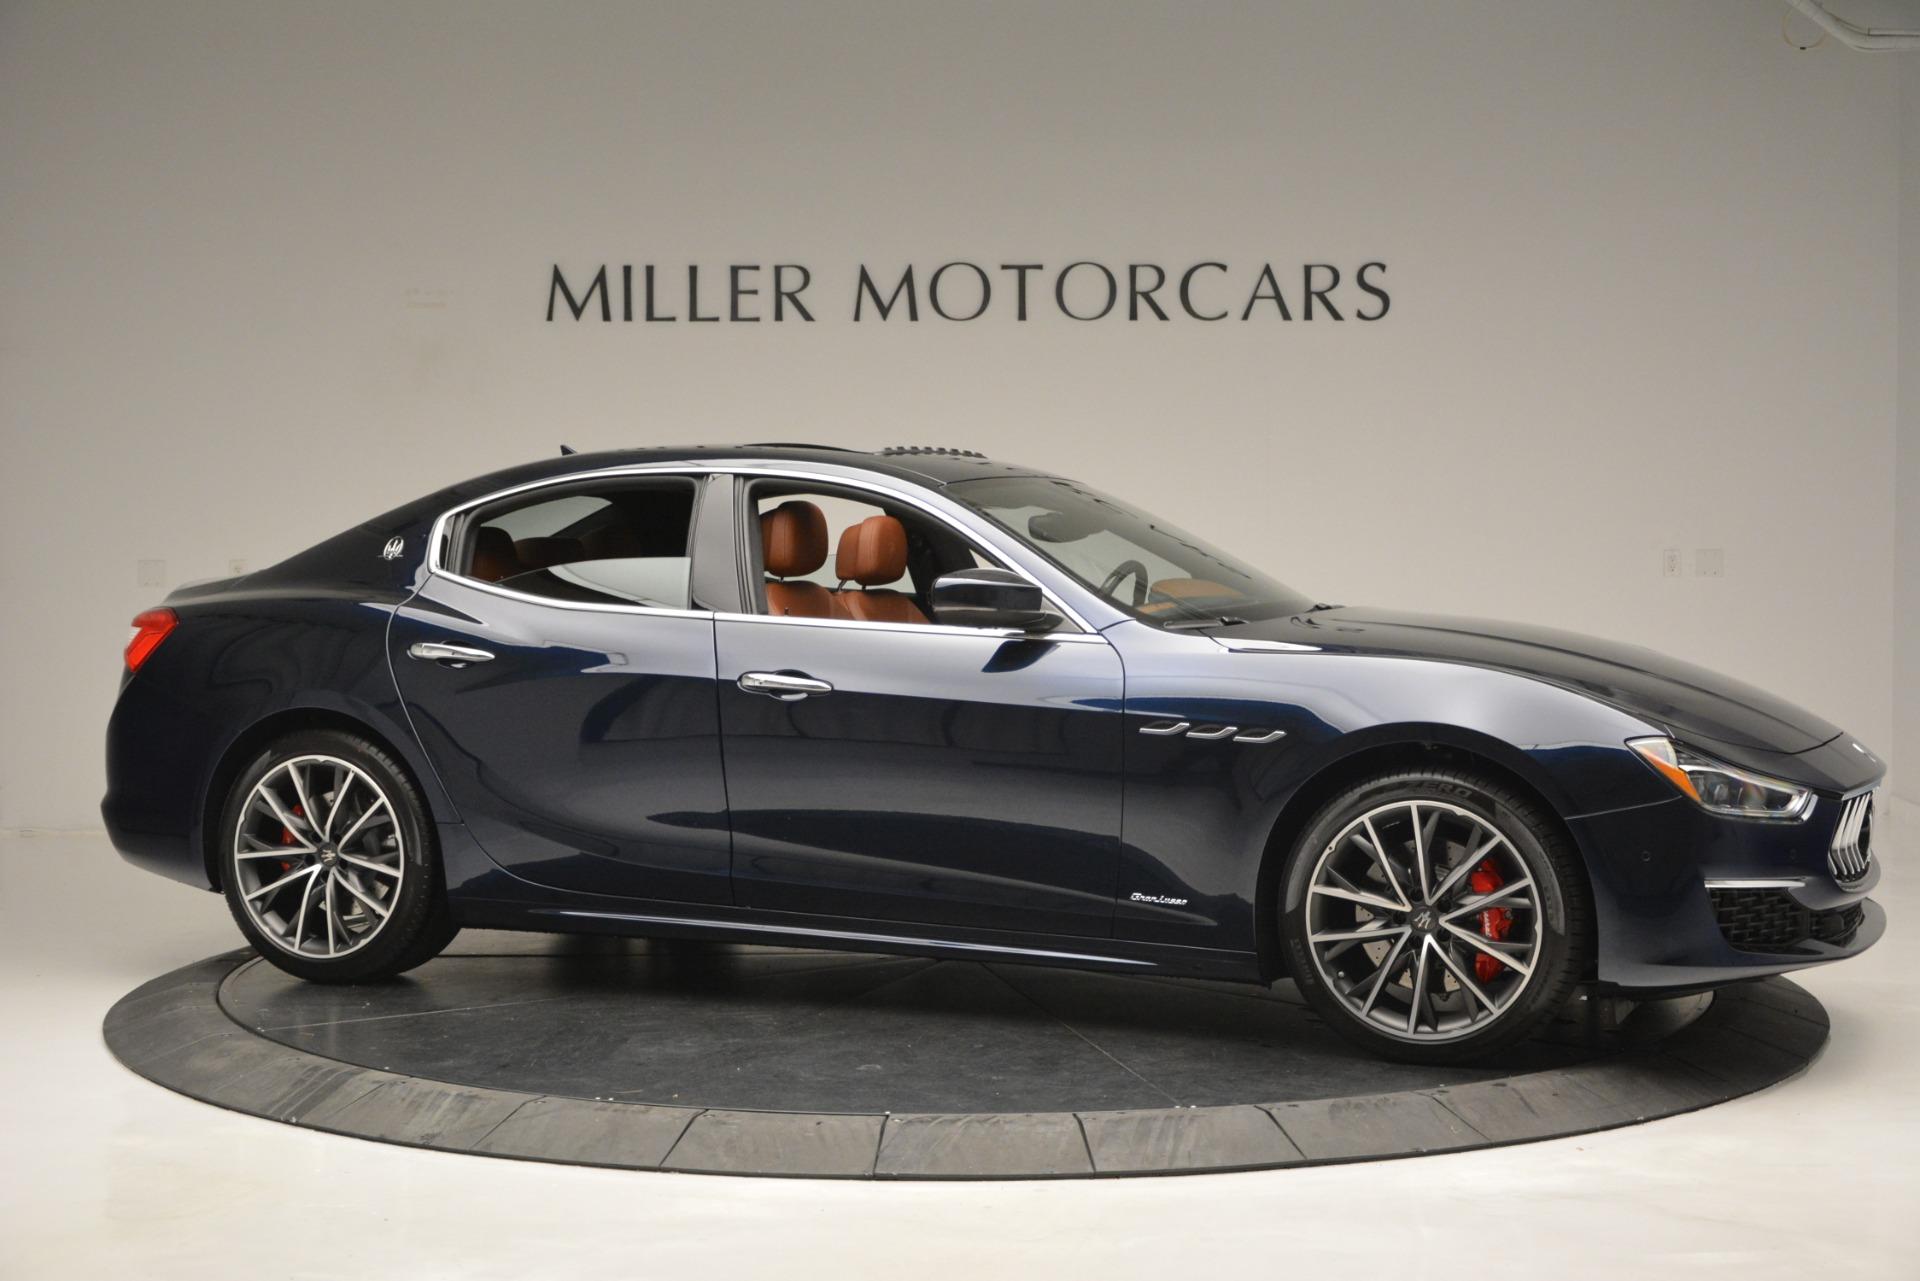 New 2019 Maserati Ghibli S Q4 GranLusso For Sale In Greenwich, CT 2882_p14